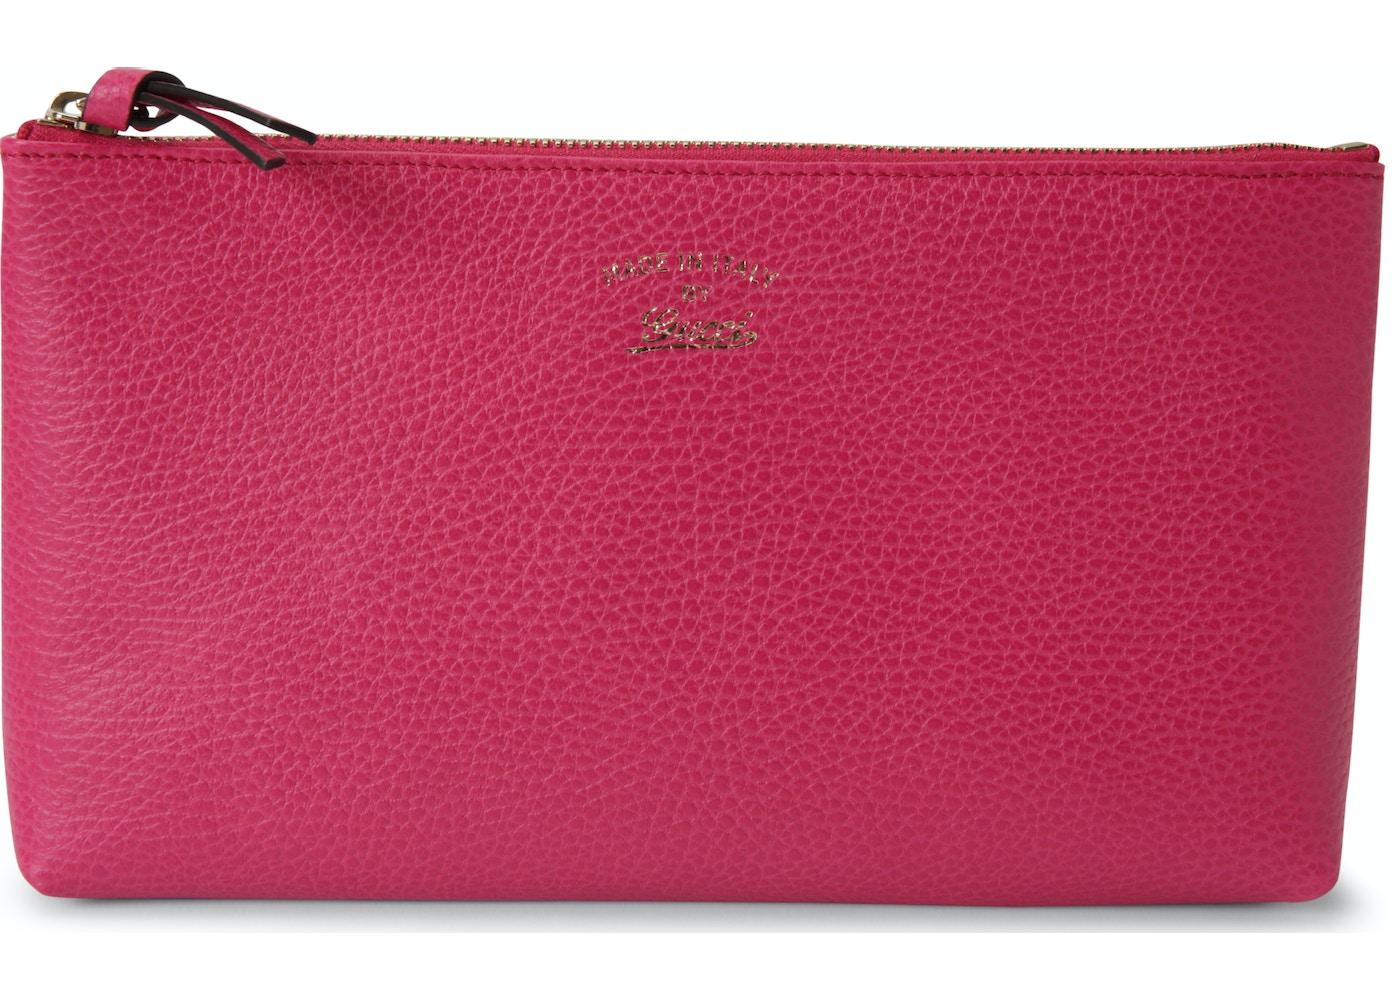 1531ee774f1dad Buy & Sell Gucci Handbags - Volatility